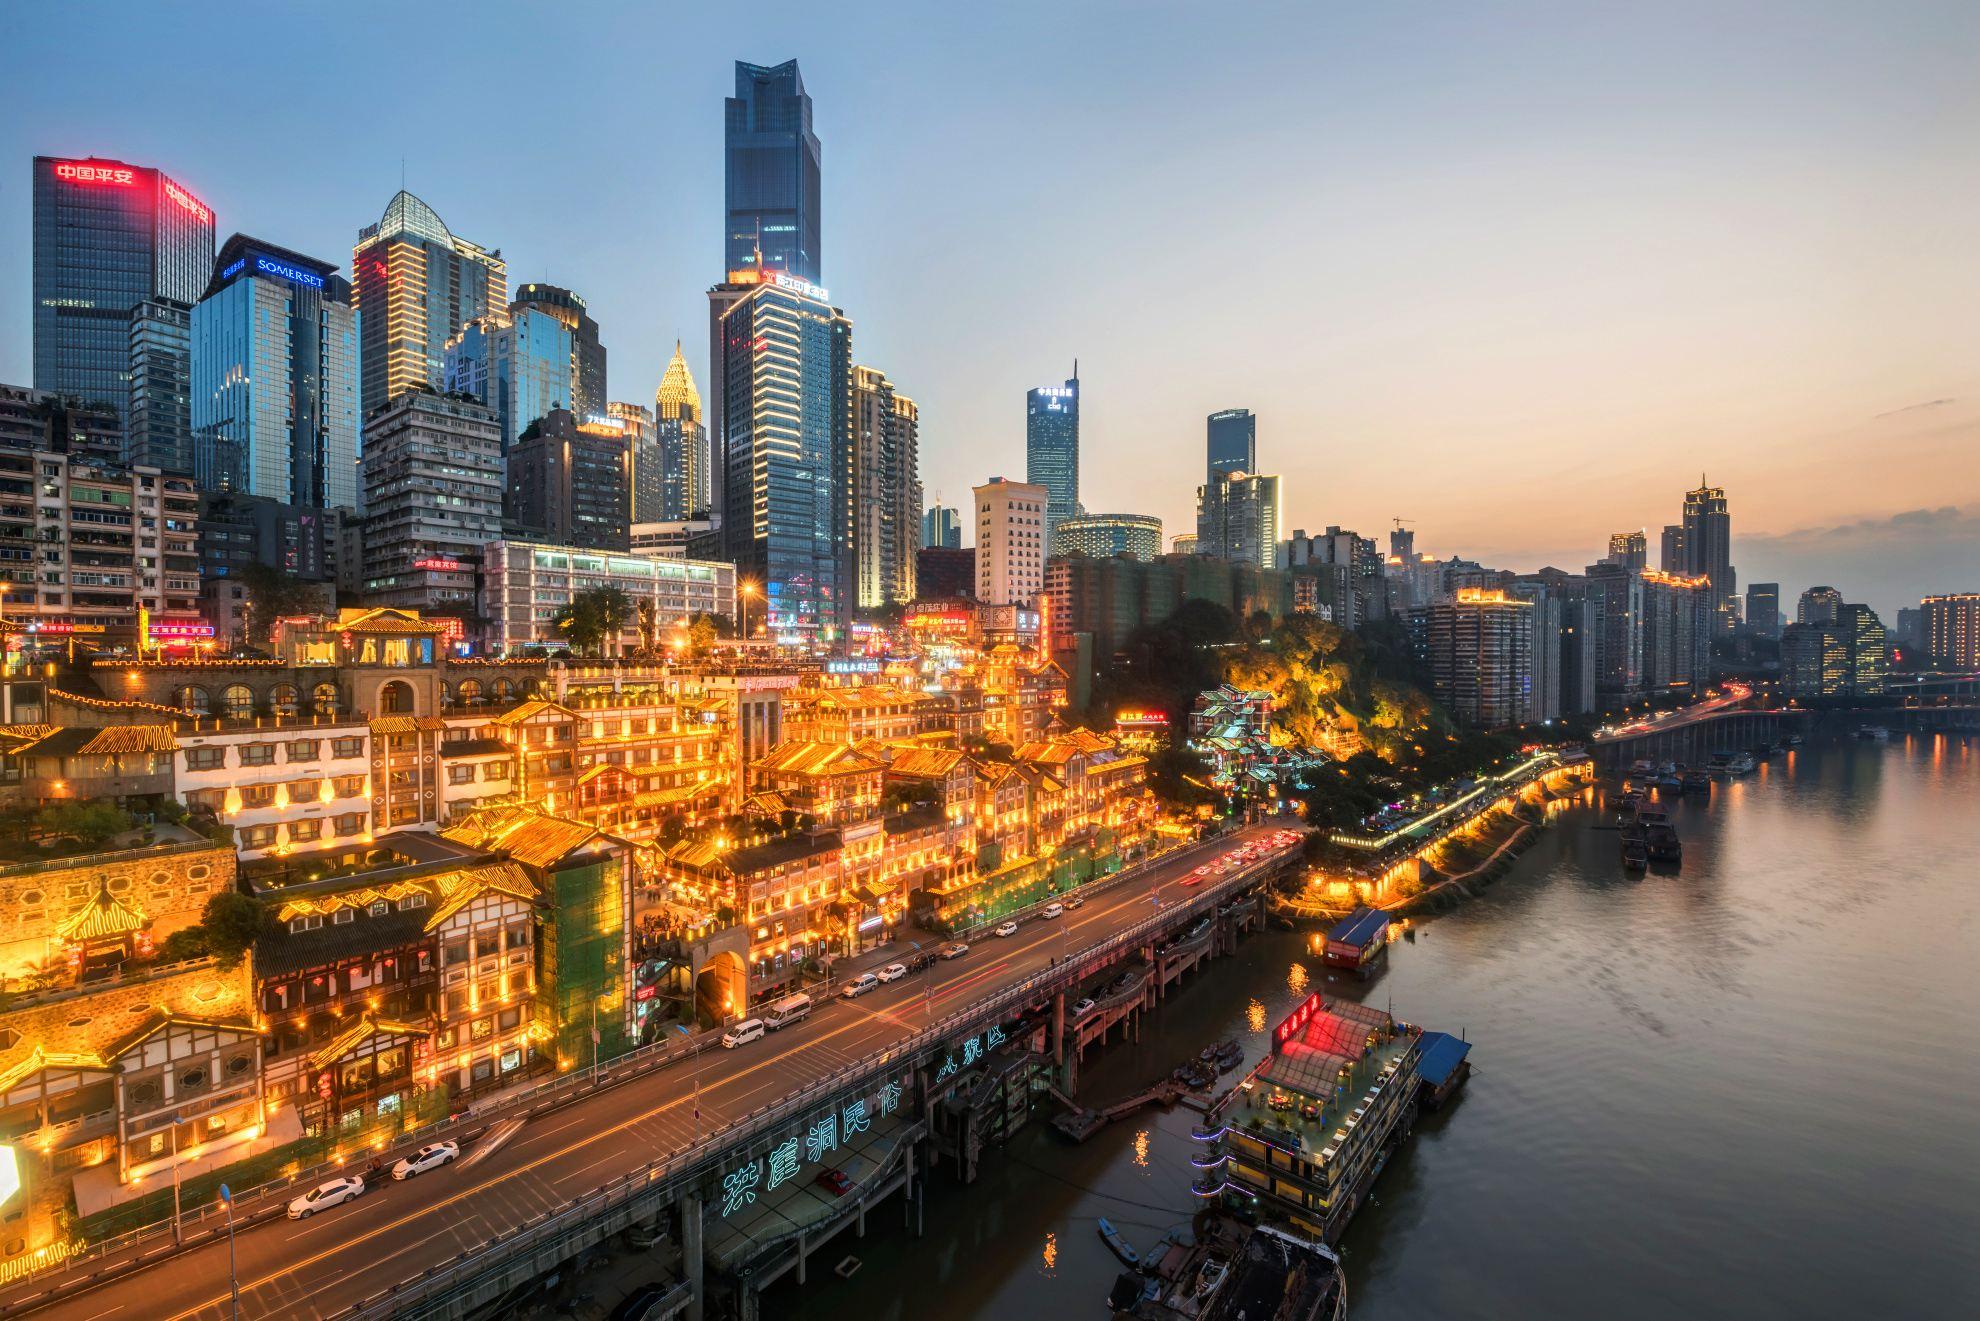 人口最多城市_中国人口最多的城市